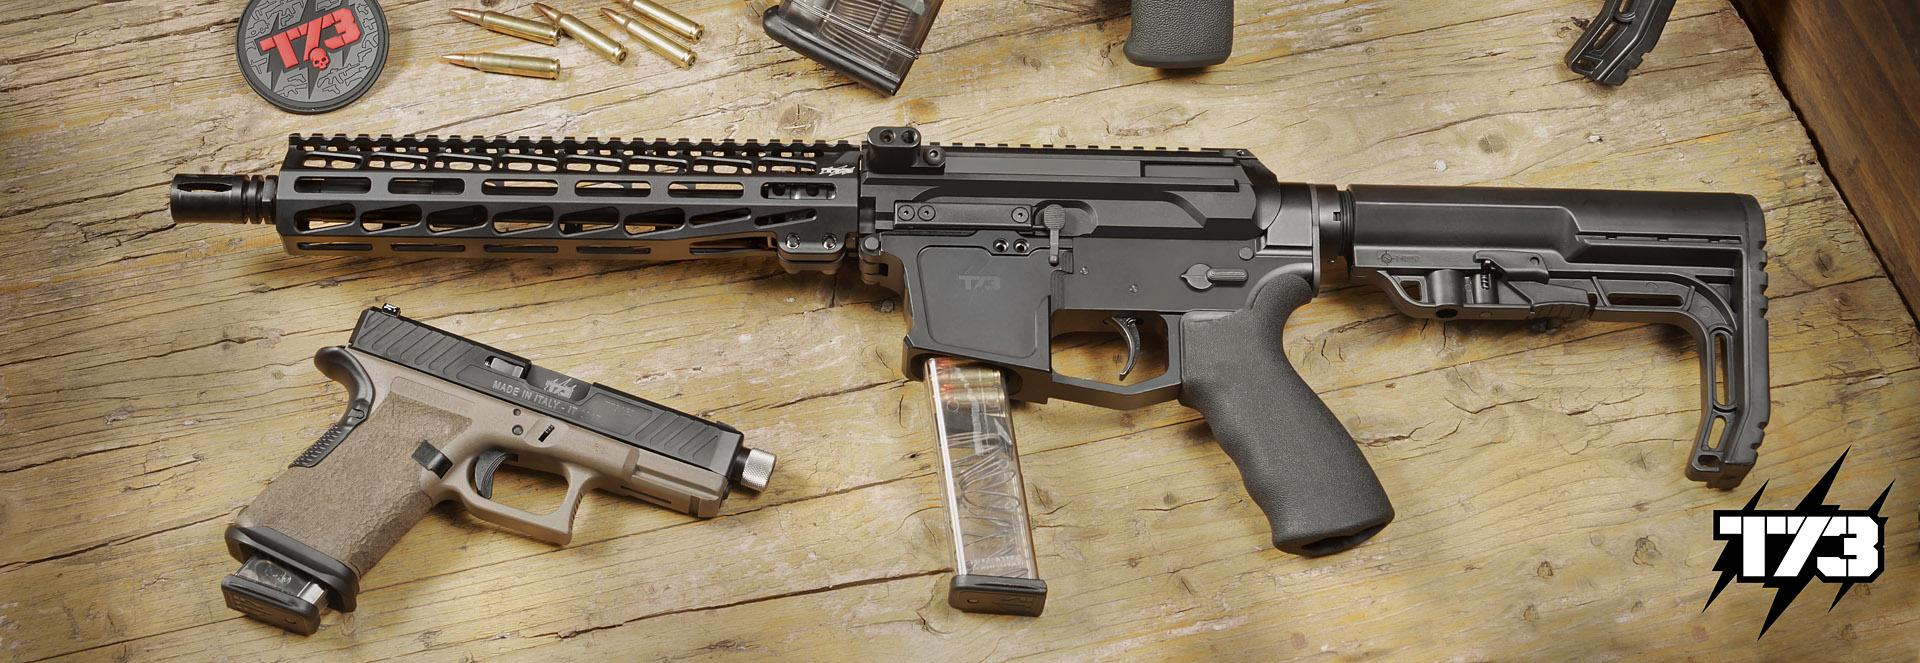 T73 Tac 9-Pistol custom